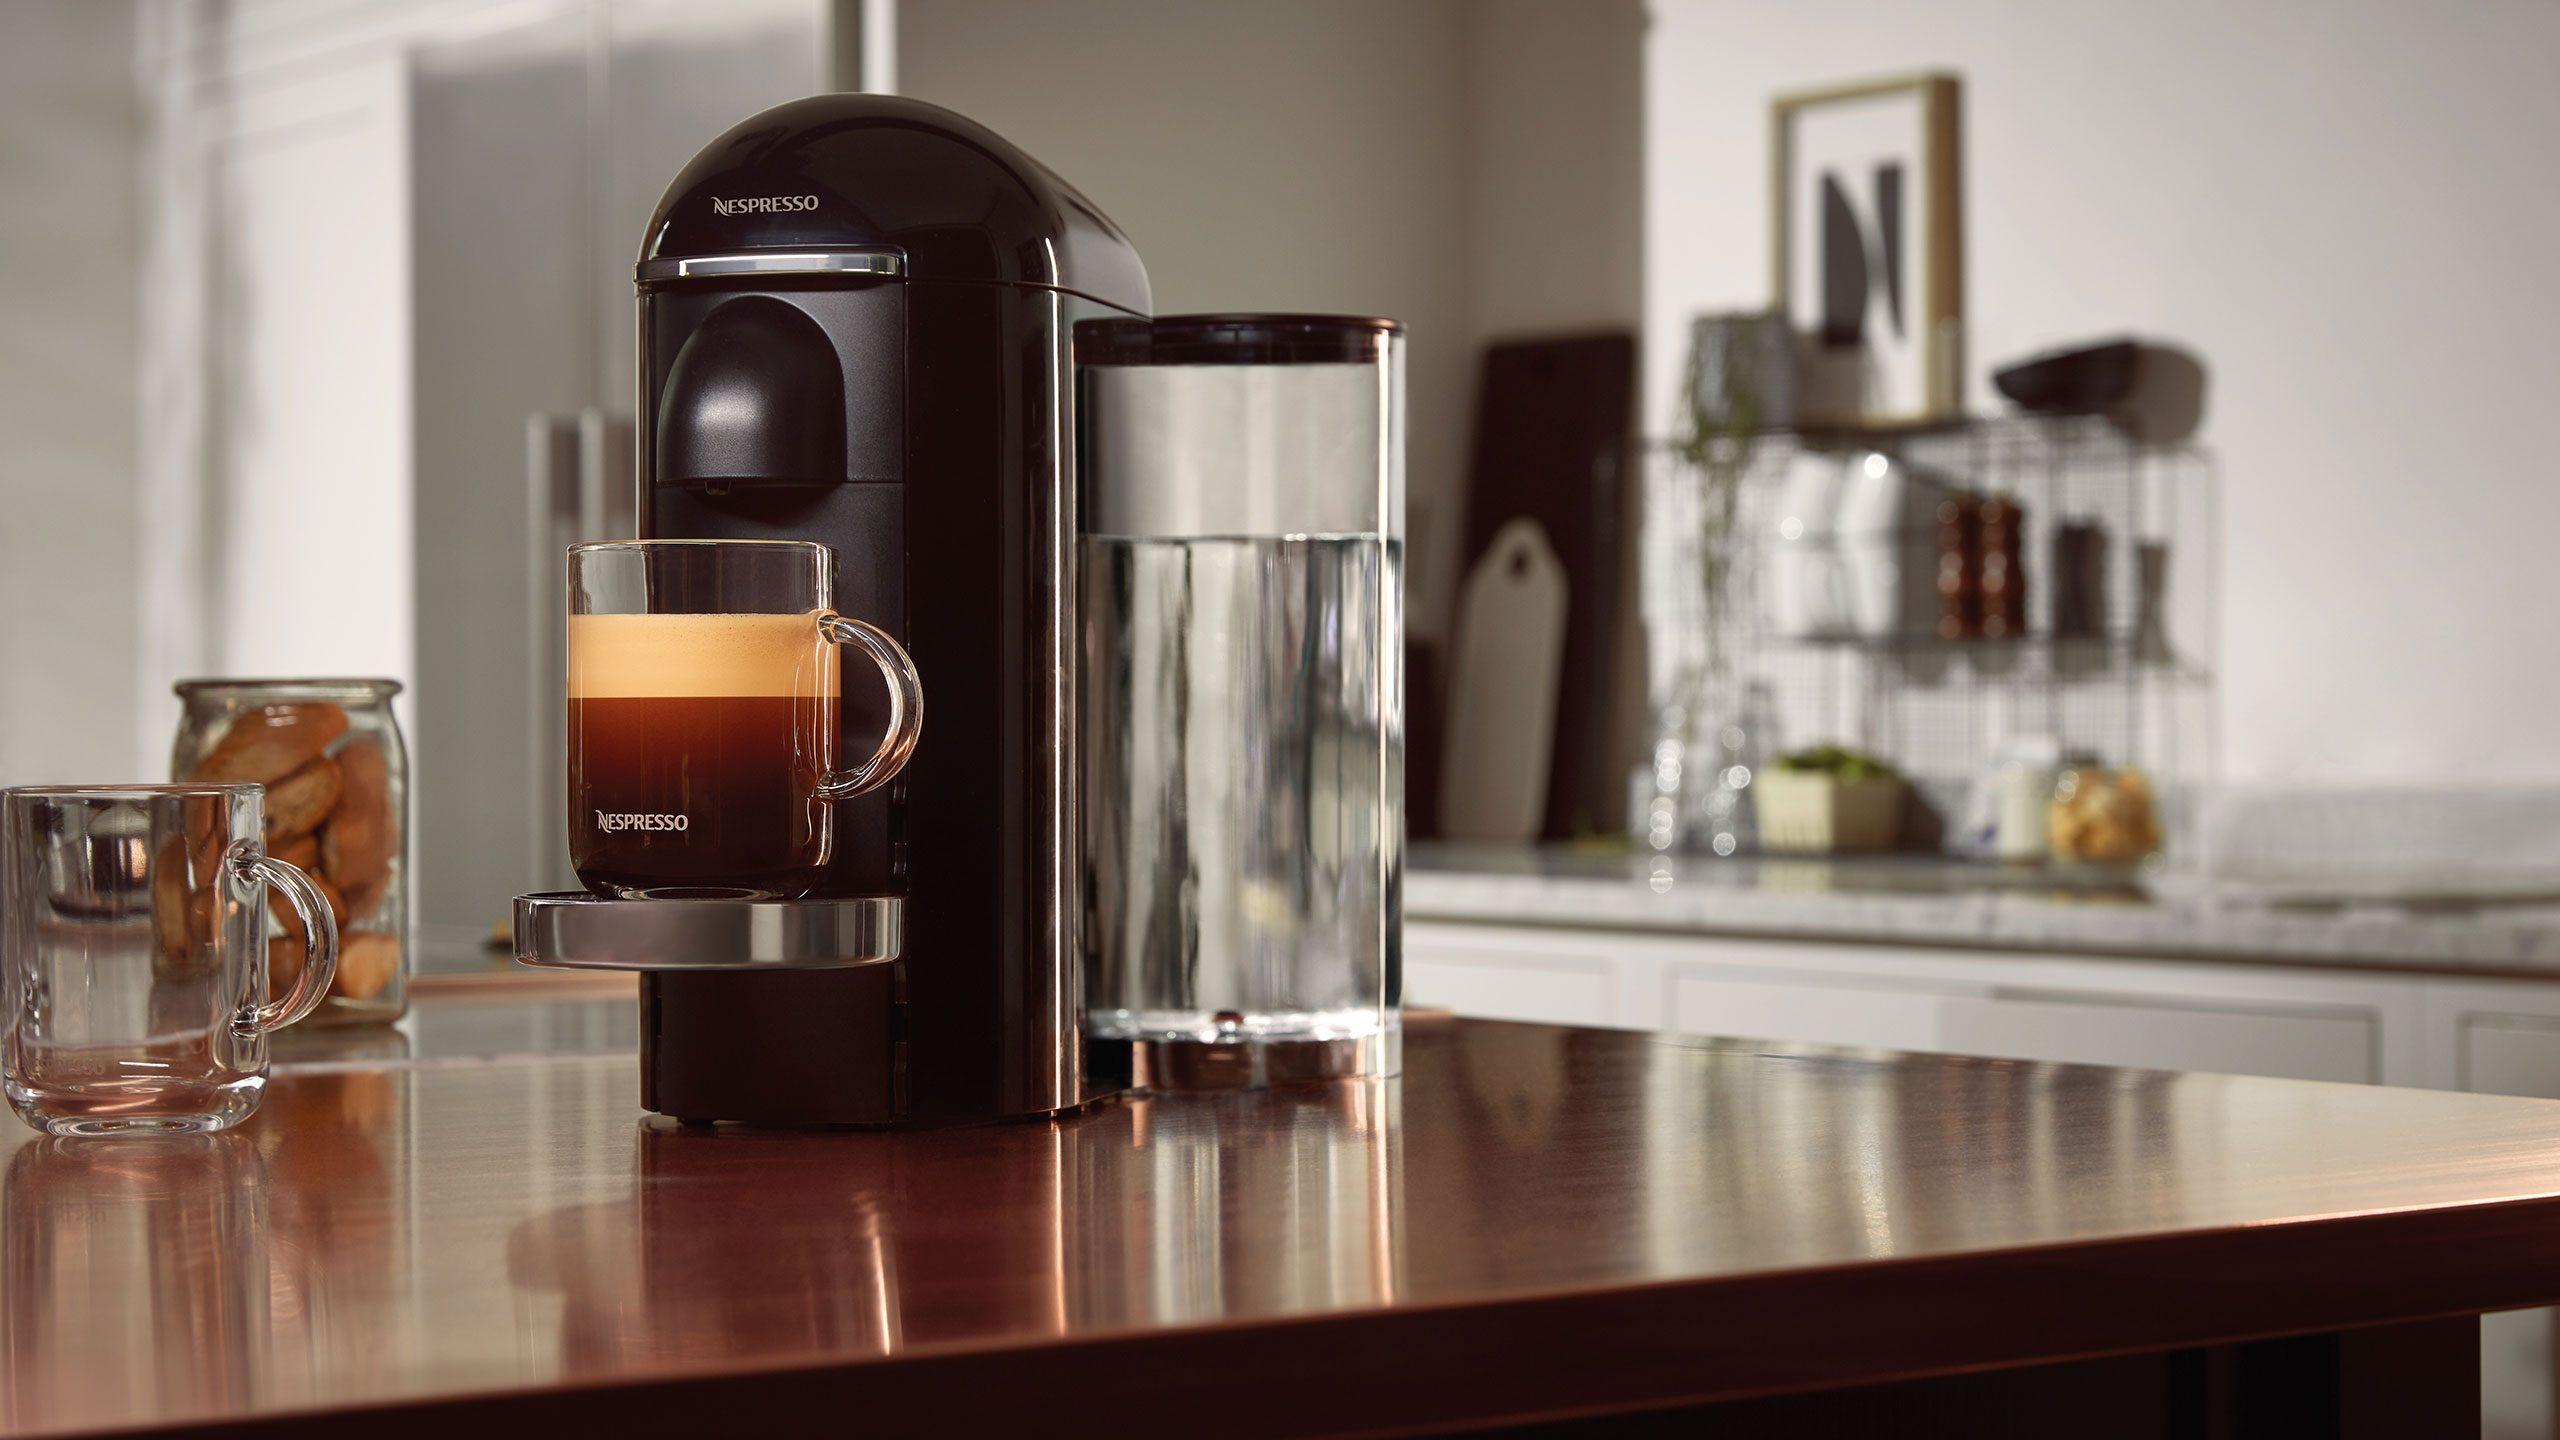 Nespresso Vertuo gepresenteerd: koffiezetapparaat met grotere cupjes